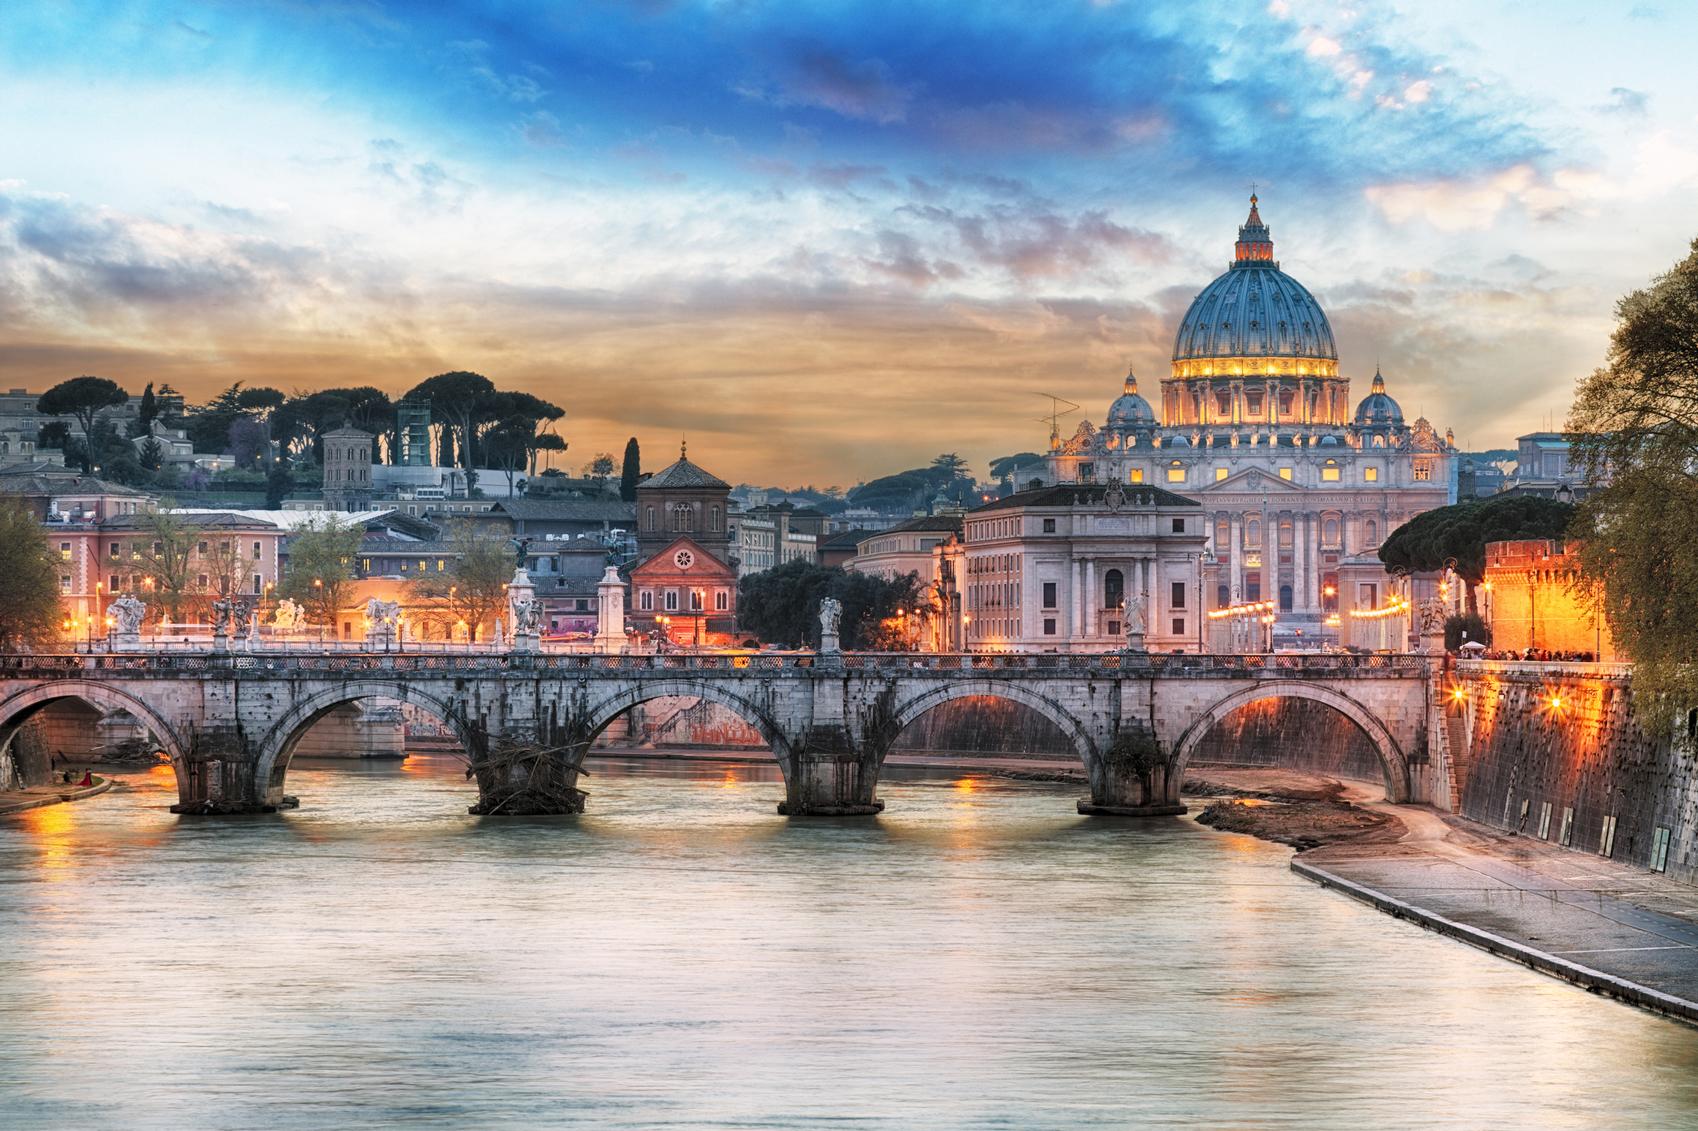 Rom Sevaerdigheder De 5 Sevaerdigheder I Rom Du Ikke Ma Ga Glip Af